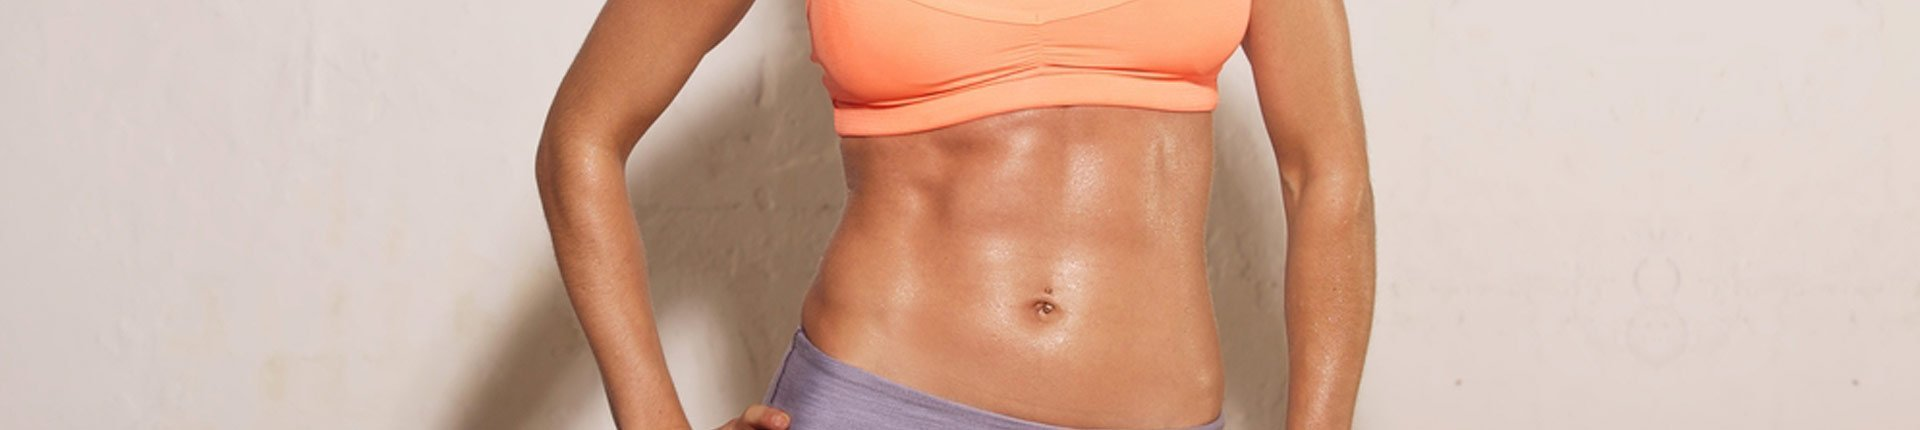 Najlepsze sposoby na płaski brzuch. Jak osiągnąć płaski brzuch?